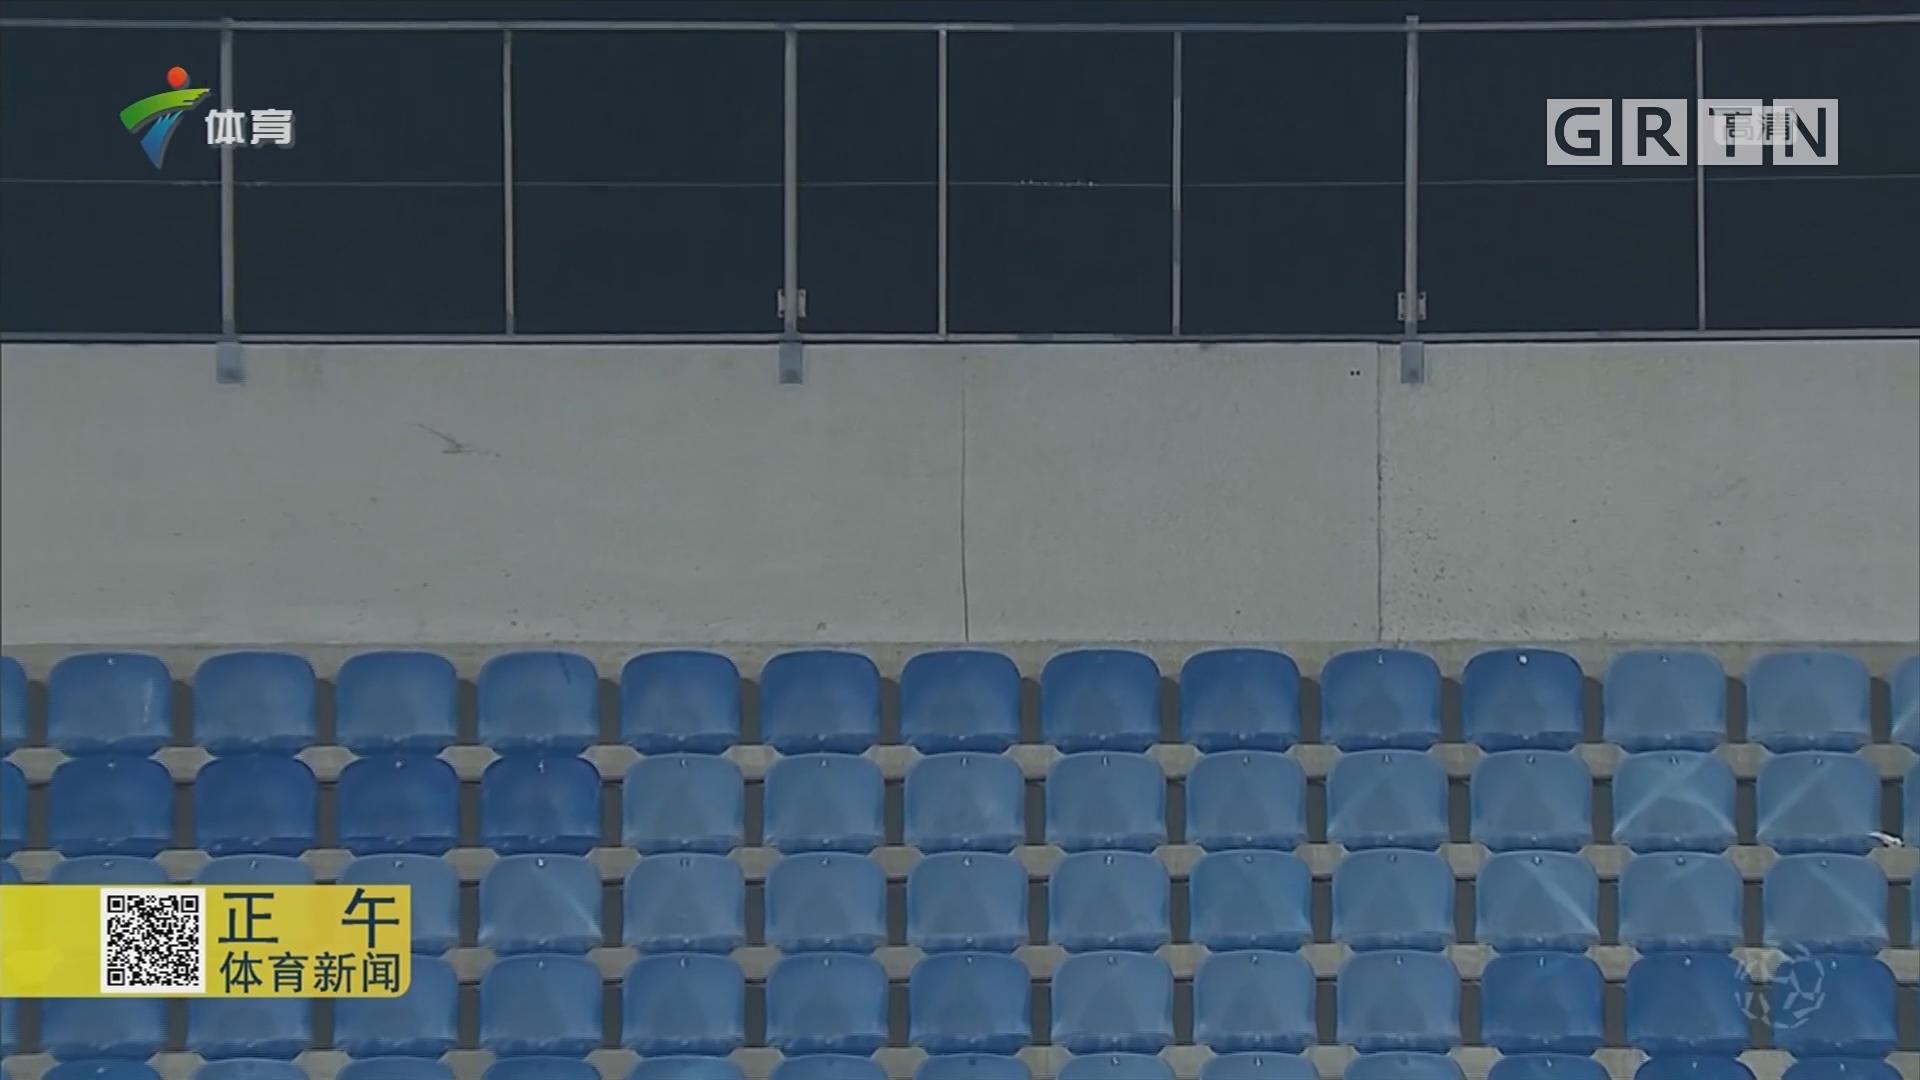 葡超球场现安全问题 球迷中场疏散